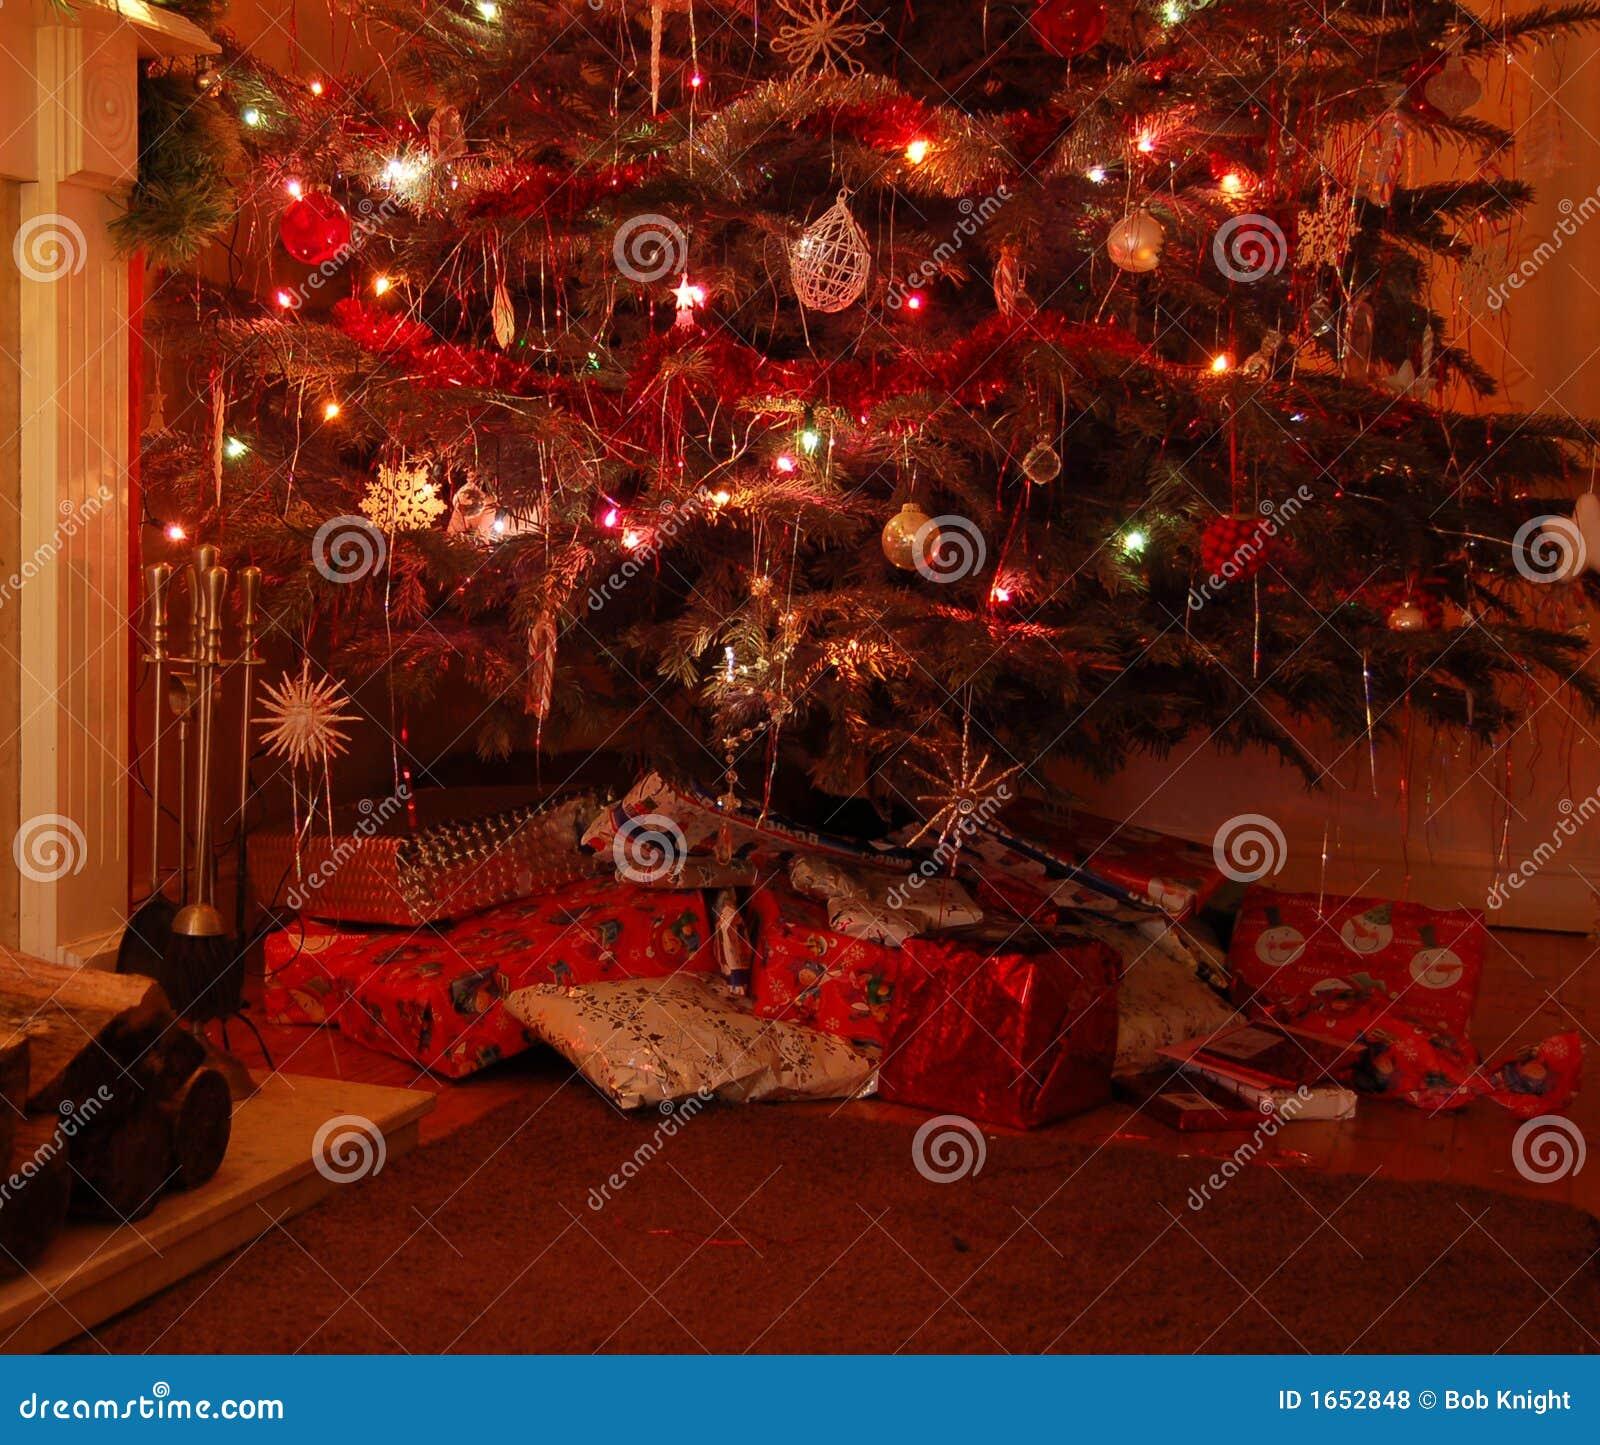 weihnachtsbaum mit geschenken lizenzfreie stockfotos. Black Bedroom Furniture Sets. Home Design Ideas